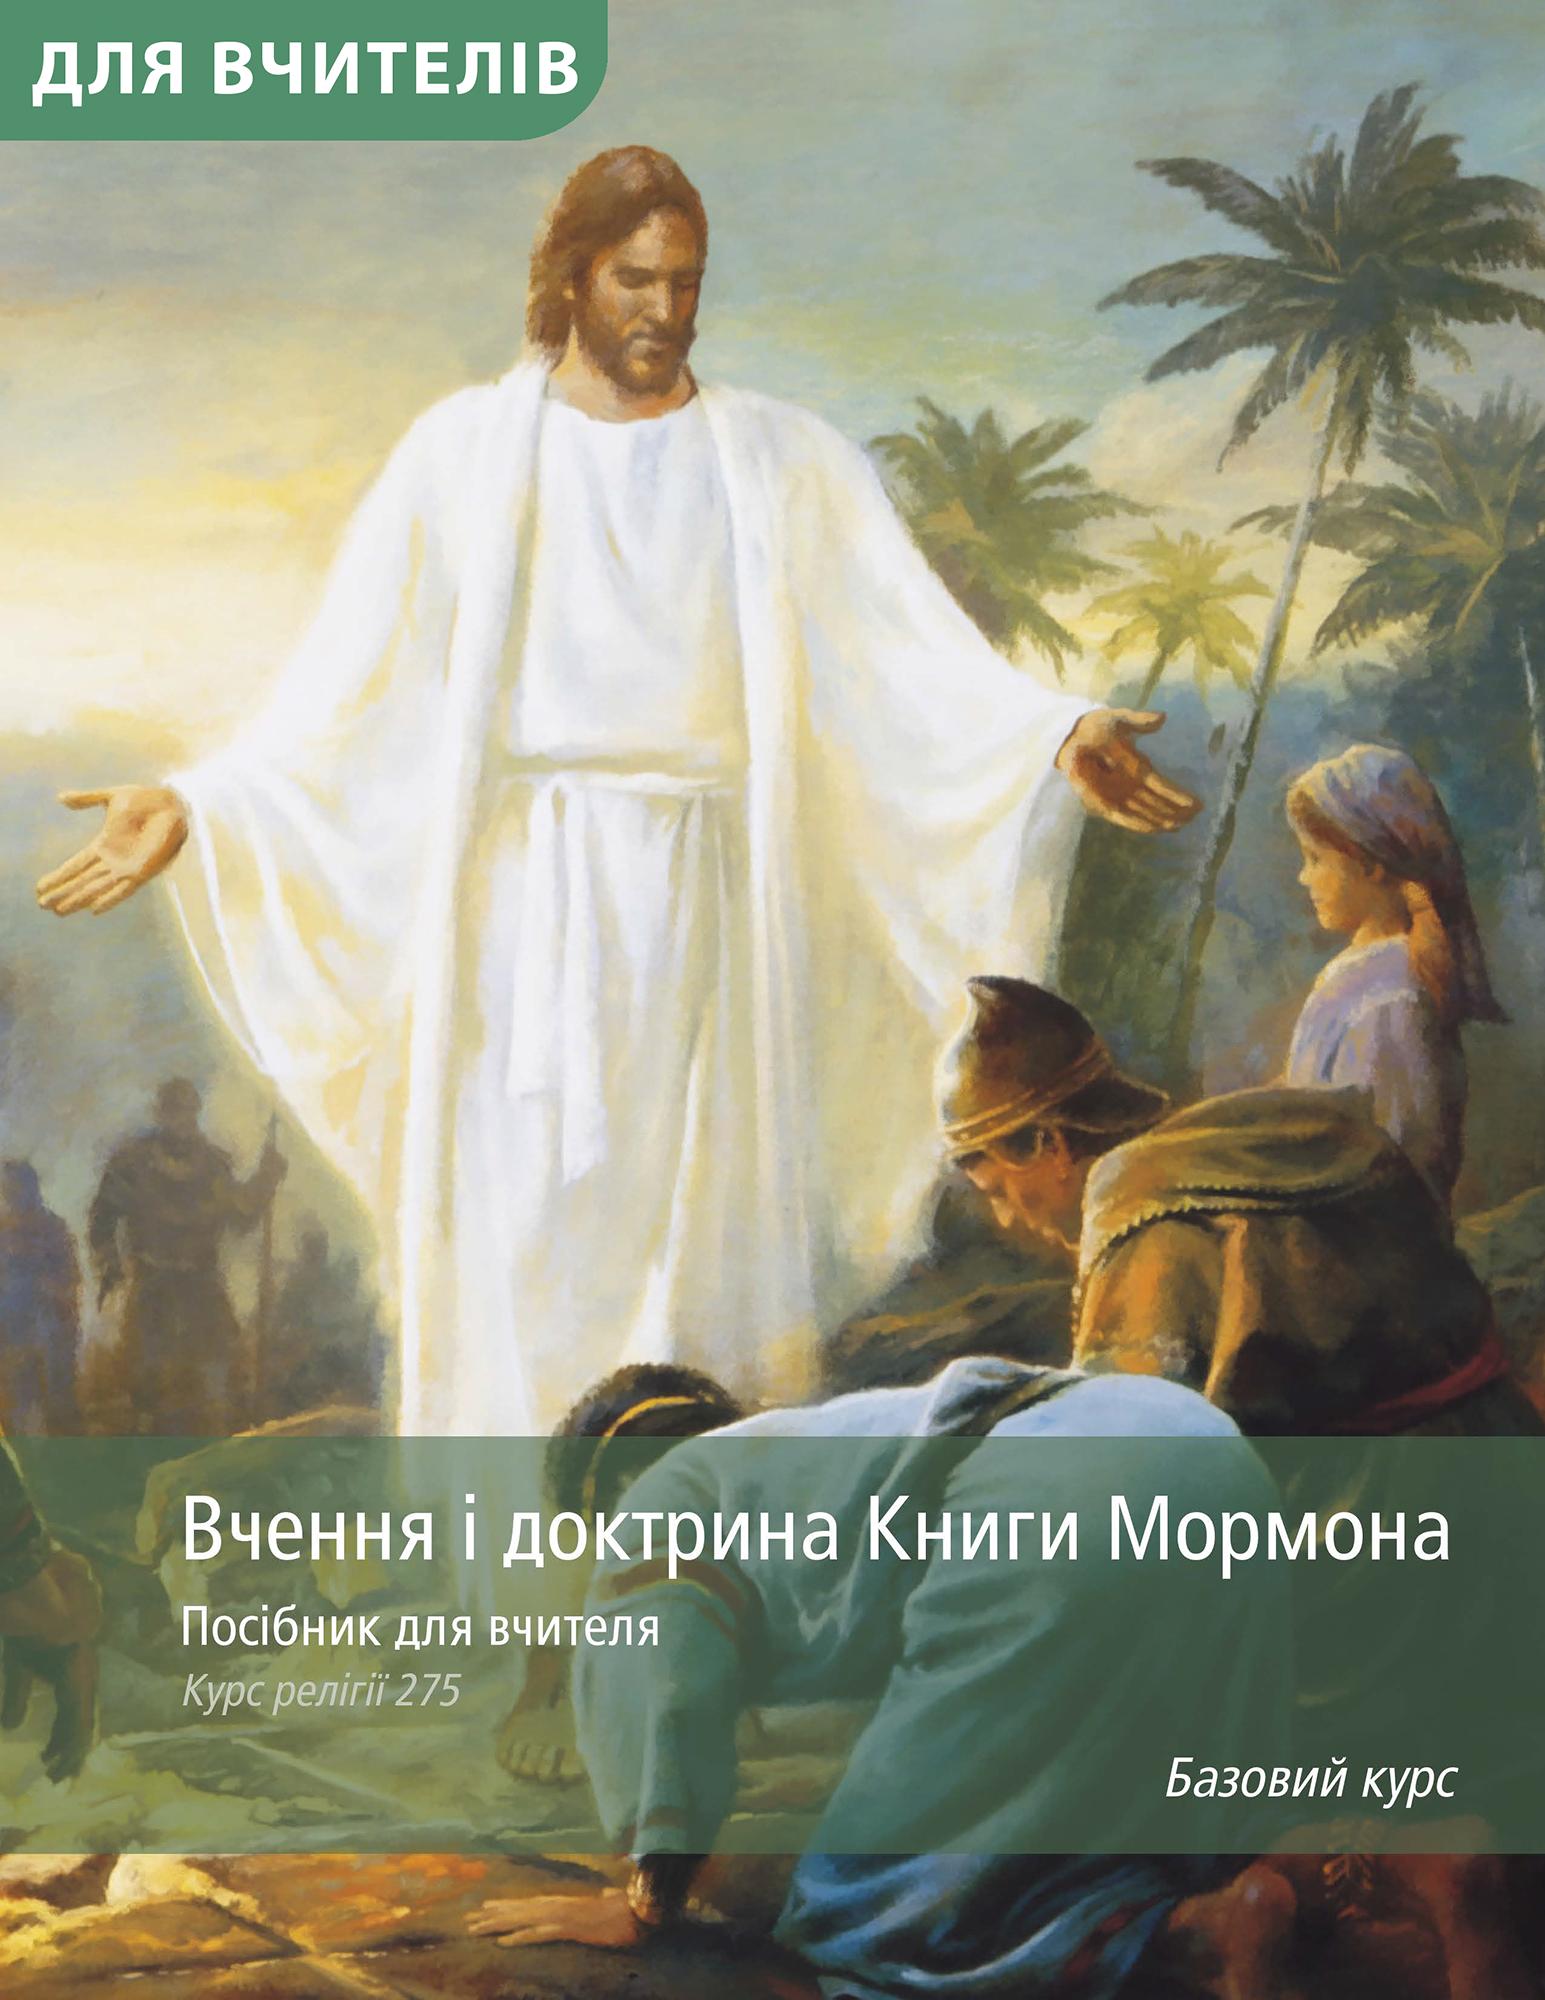 Вчення і доктрина Книги Мормона. Посібник для вчителя (Рел 275)